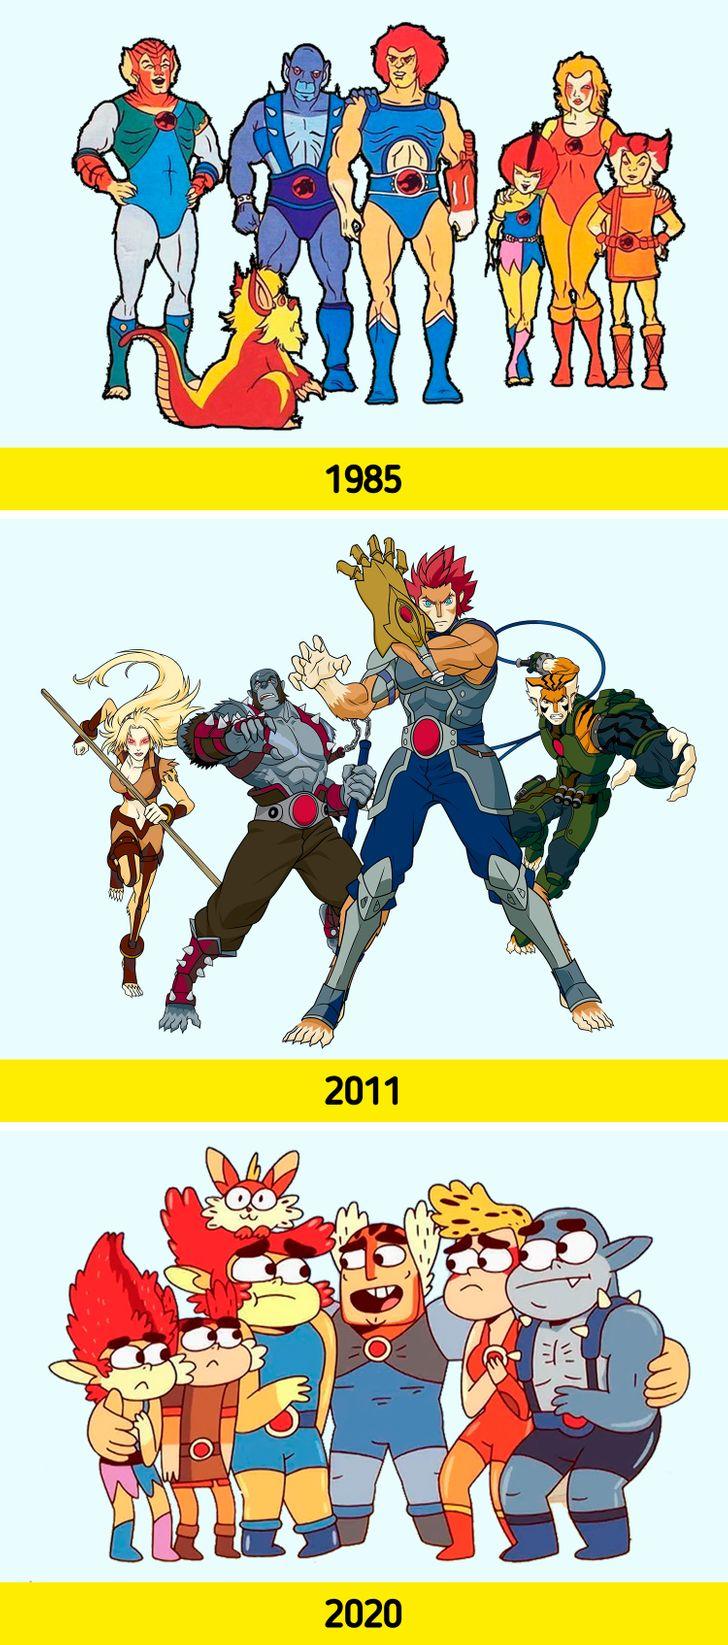 Como o visual de personagens famosos evoluiu ao longo dos anos (spoiler: o coelho da Mônica não era azul)